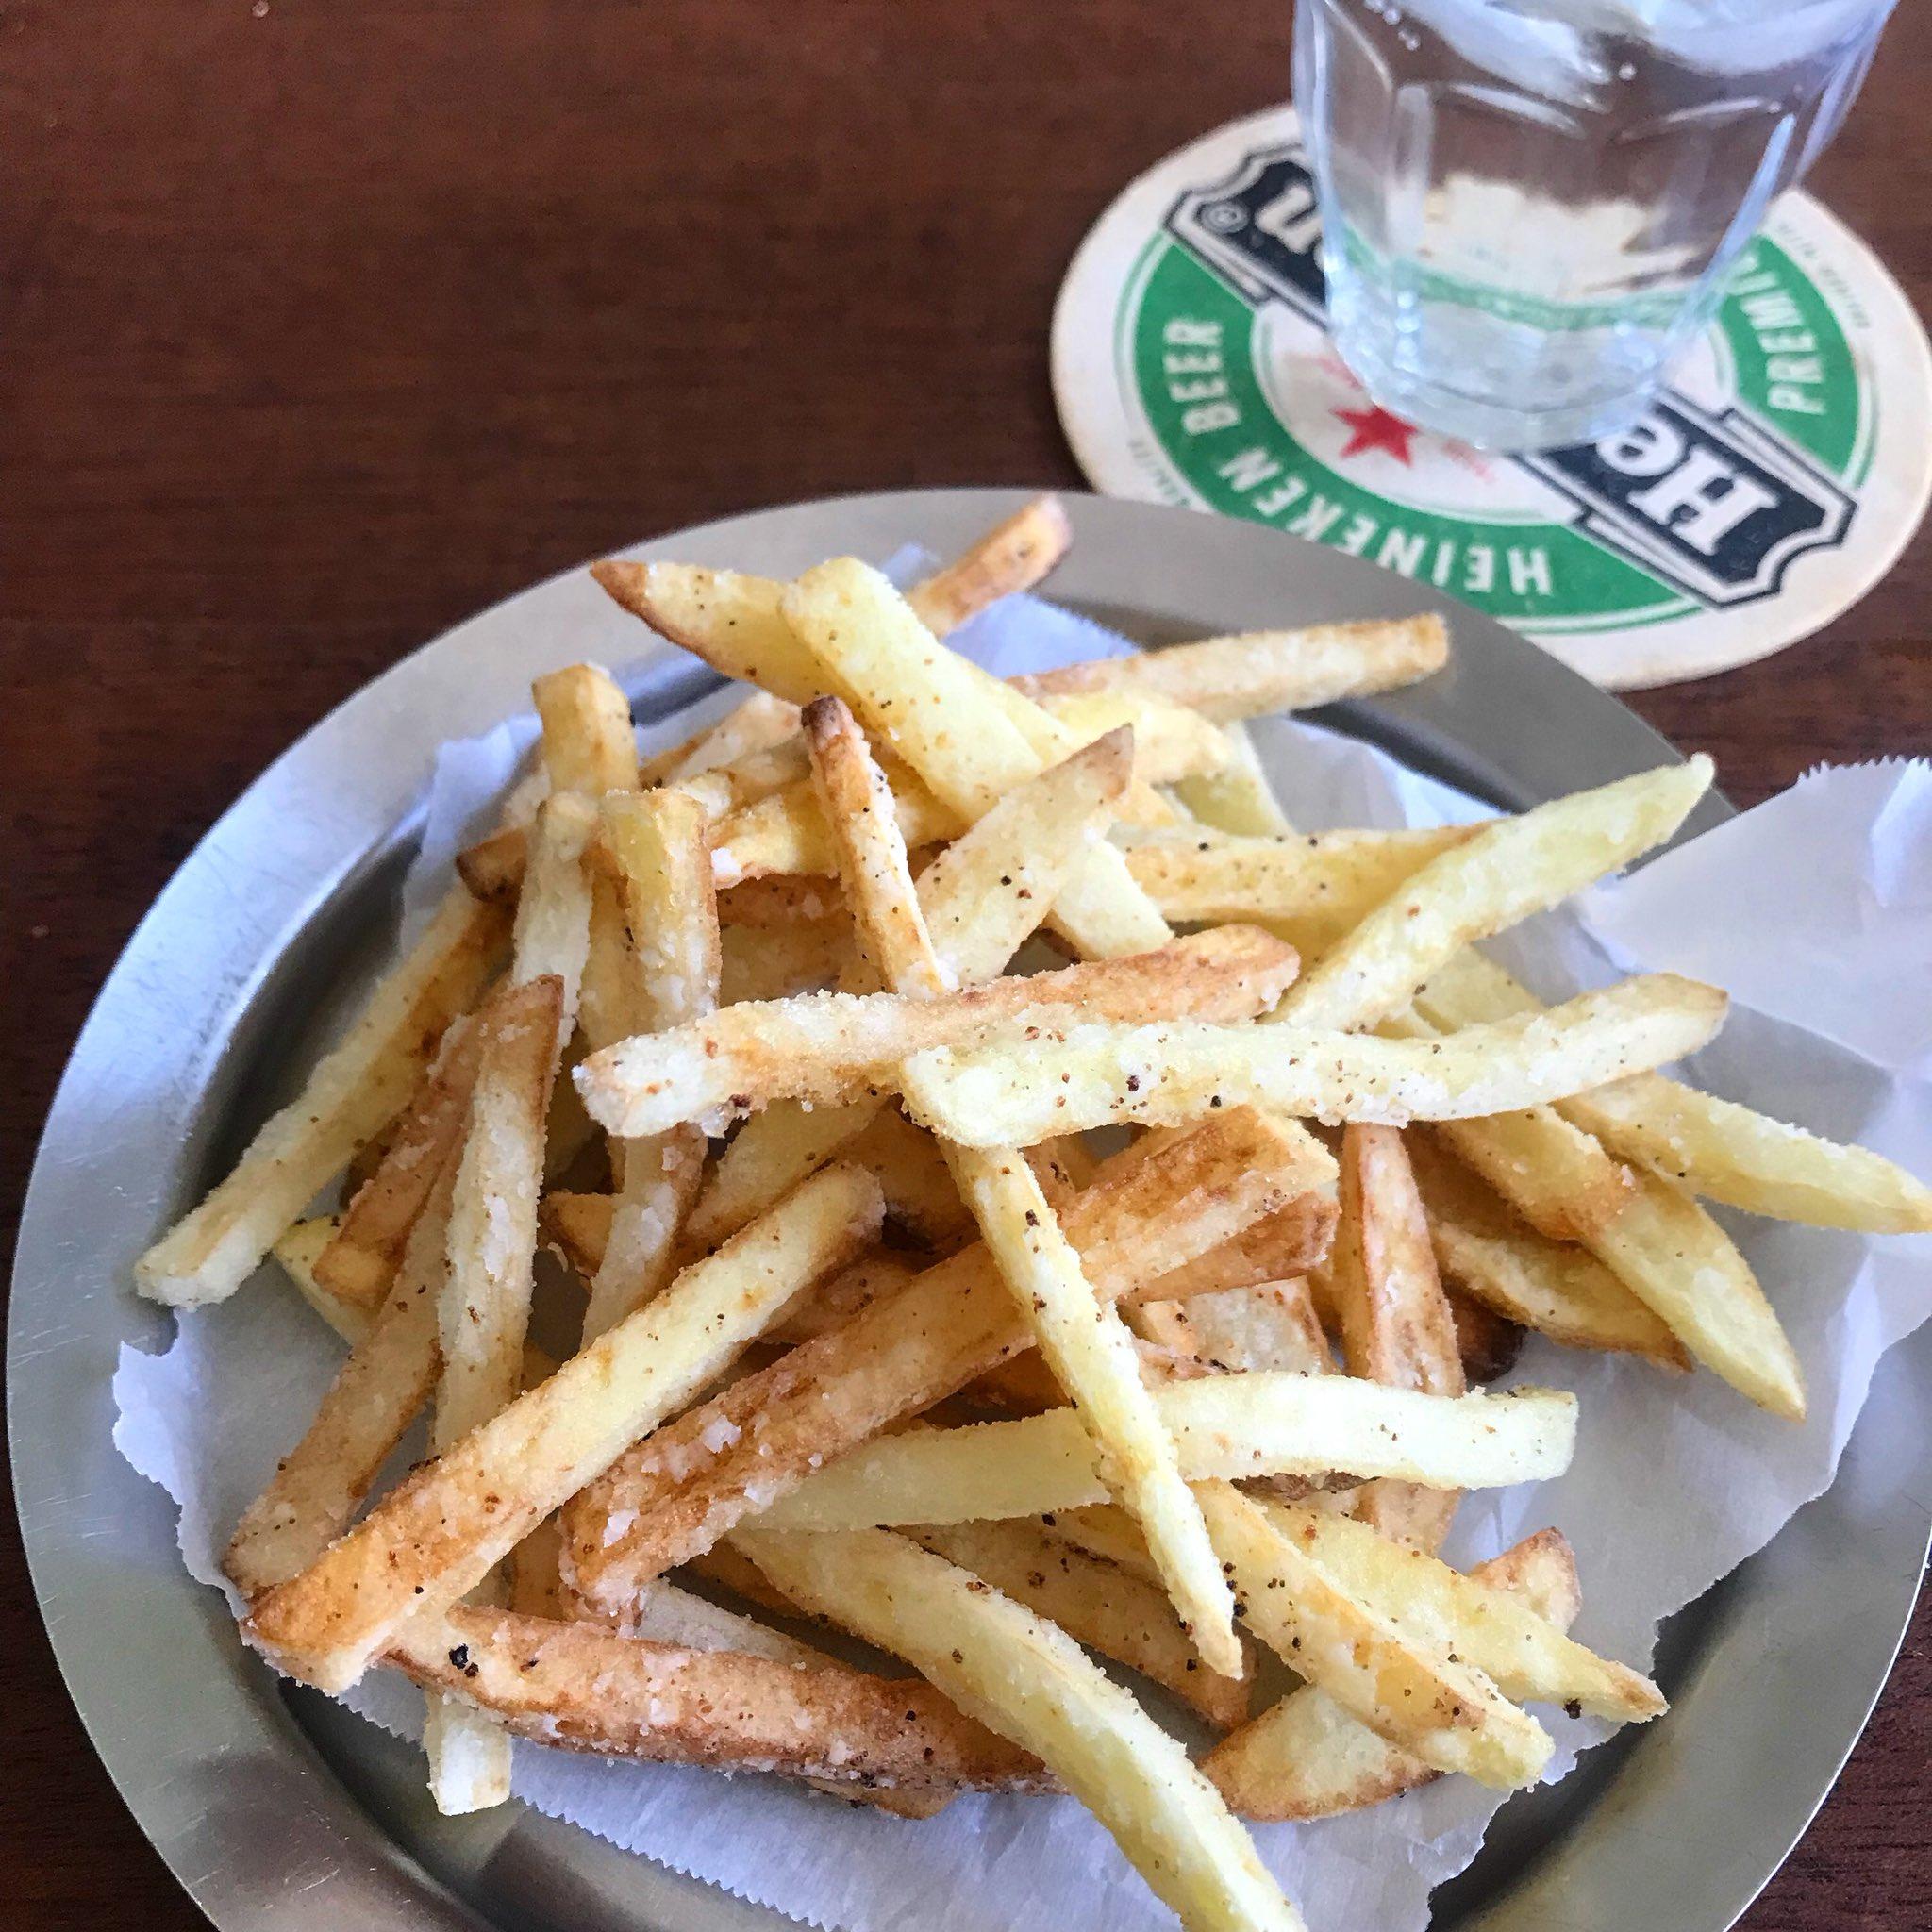 超簡単なのにサクサクなフライドポテトの作り方!!!レストランに出てくるやつ並みにおいしいwww